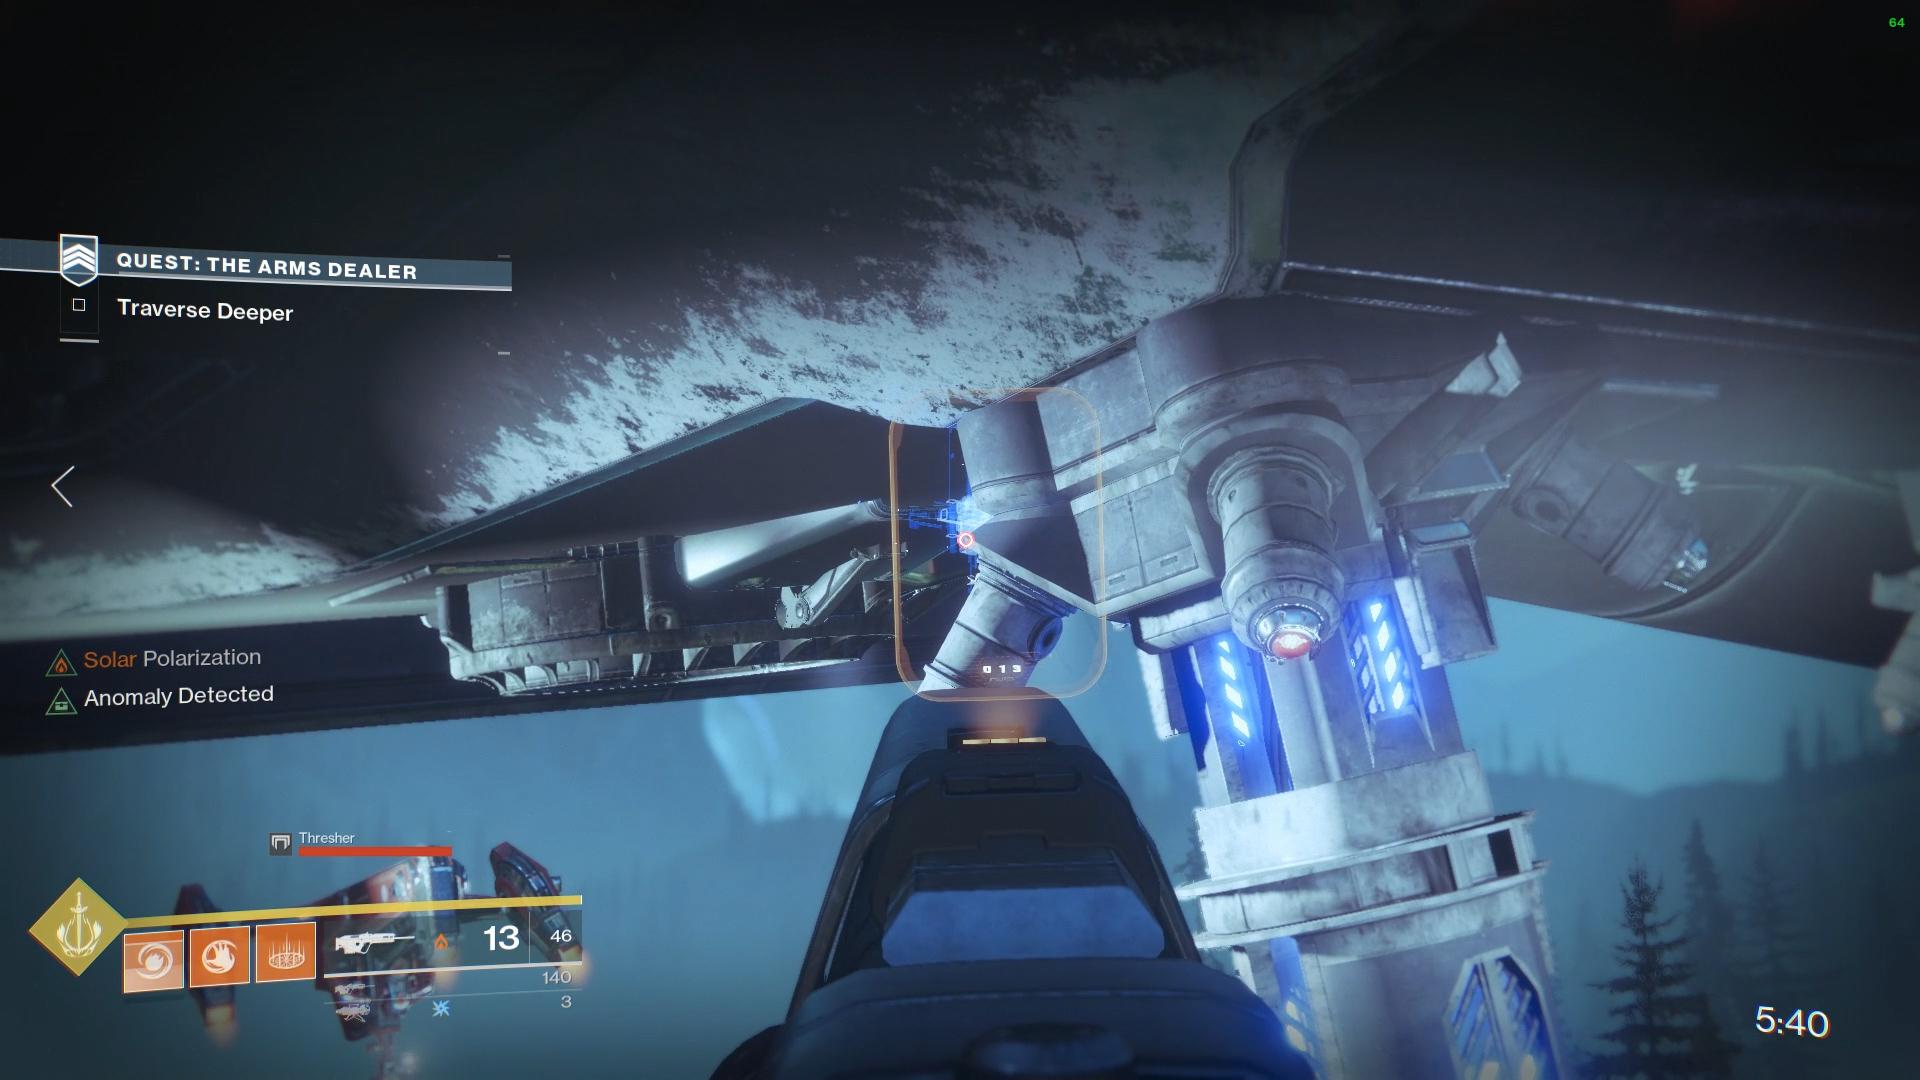 Destiny 2 - Arms Dealer Quest Guide | Shacknews